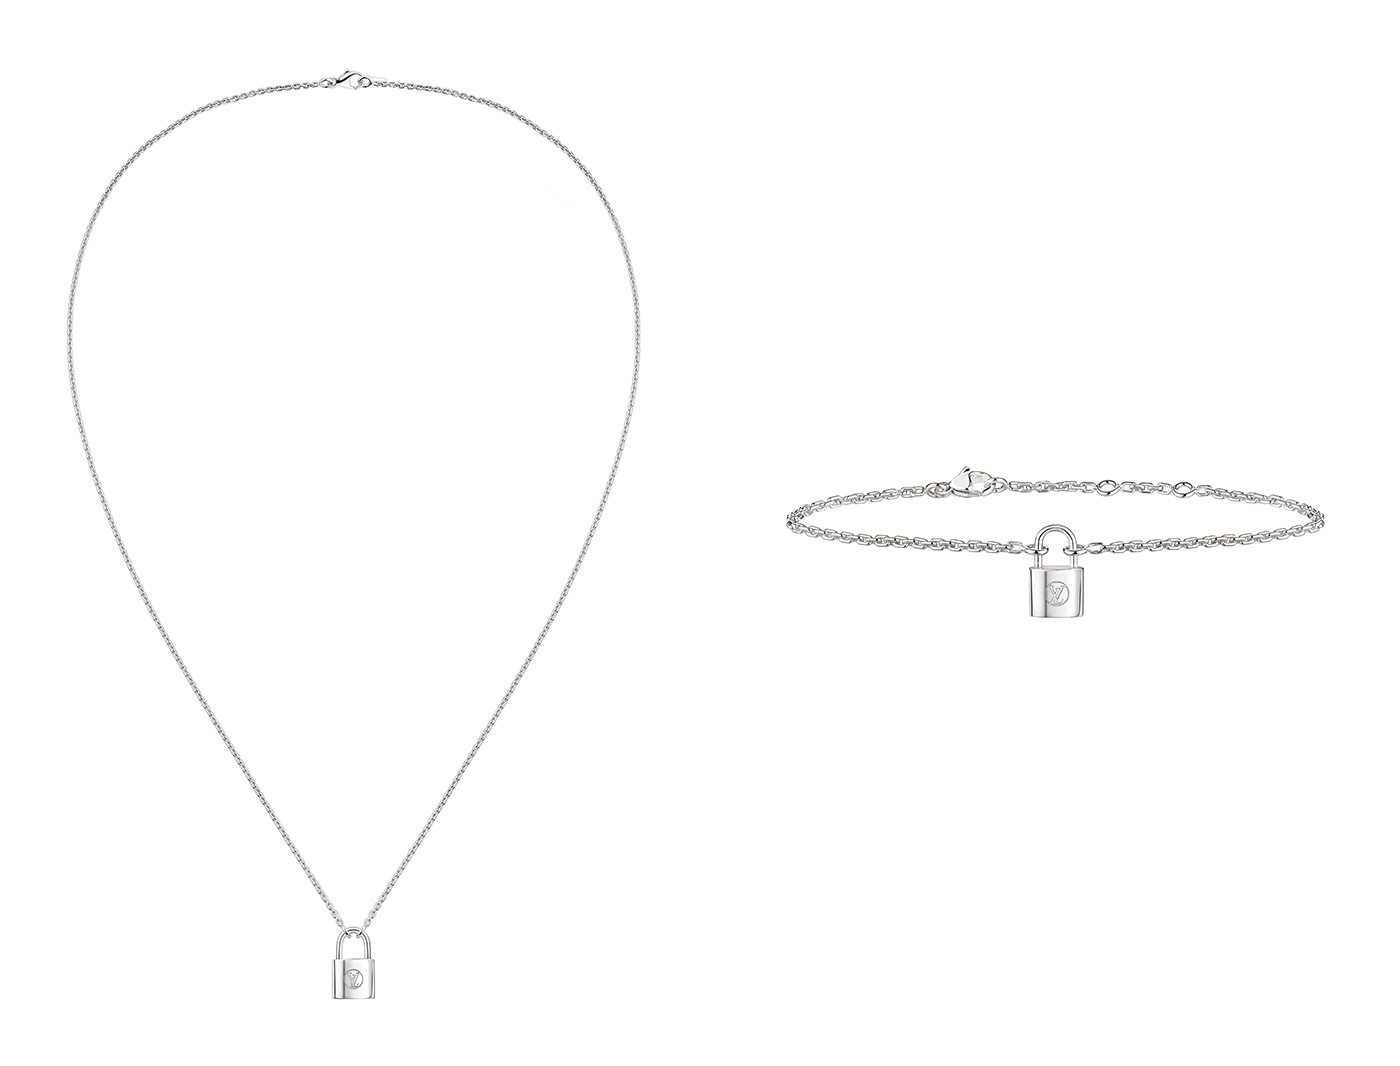 Louis Vuitton & Unicef